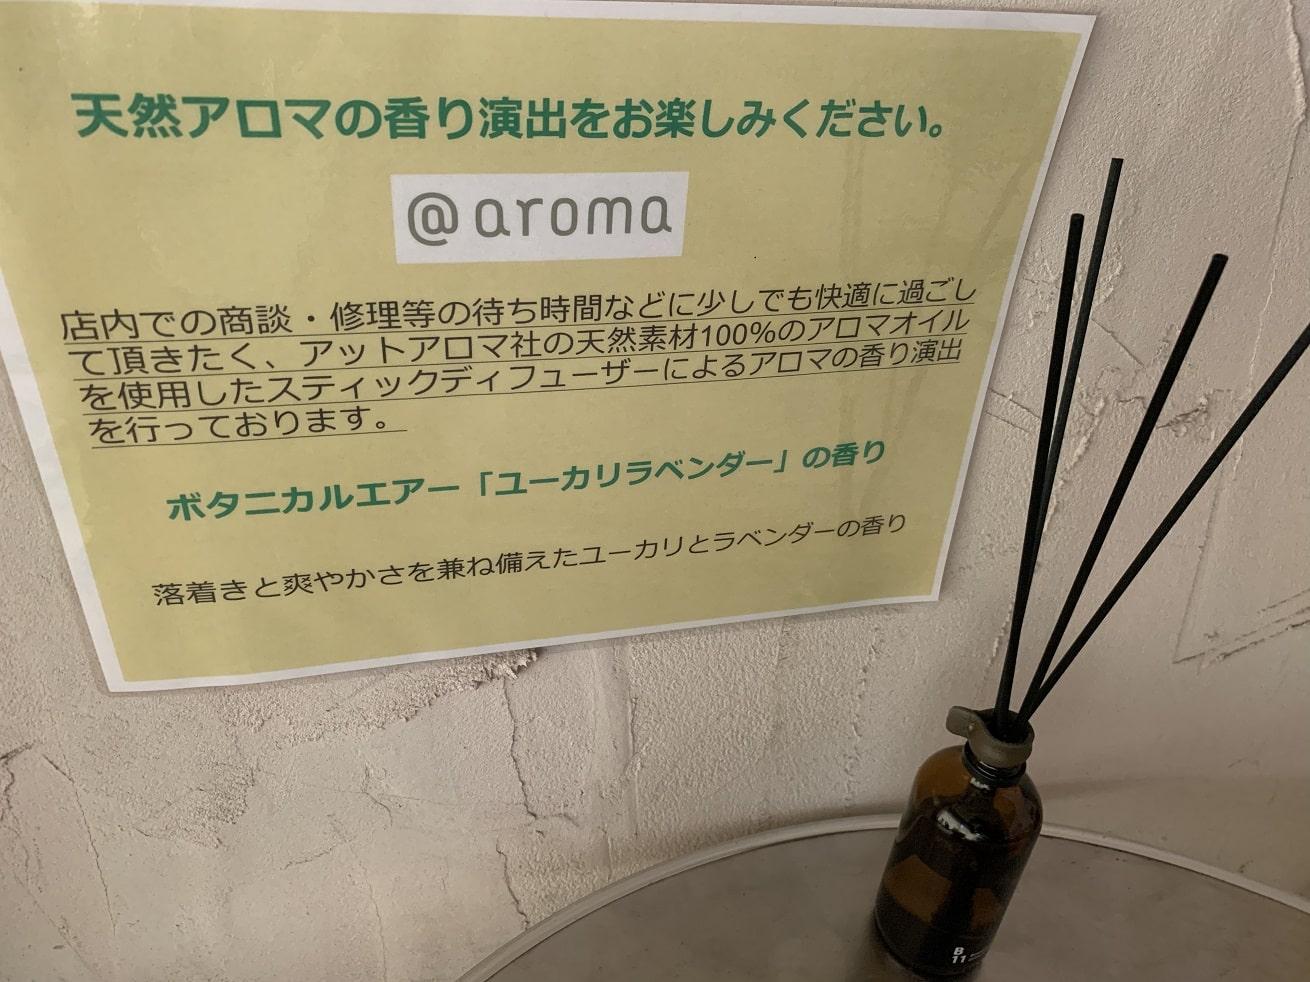 アットアロマ社の「ユーカリラベンダー」香りで演出したコスナサイクル店内